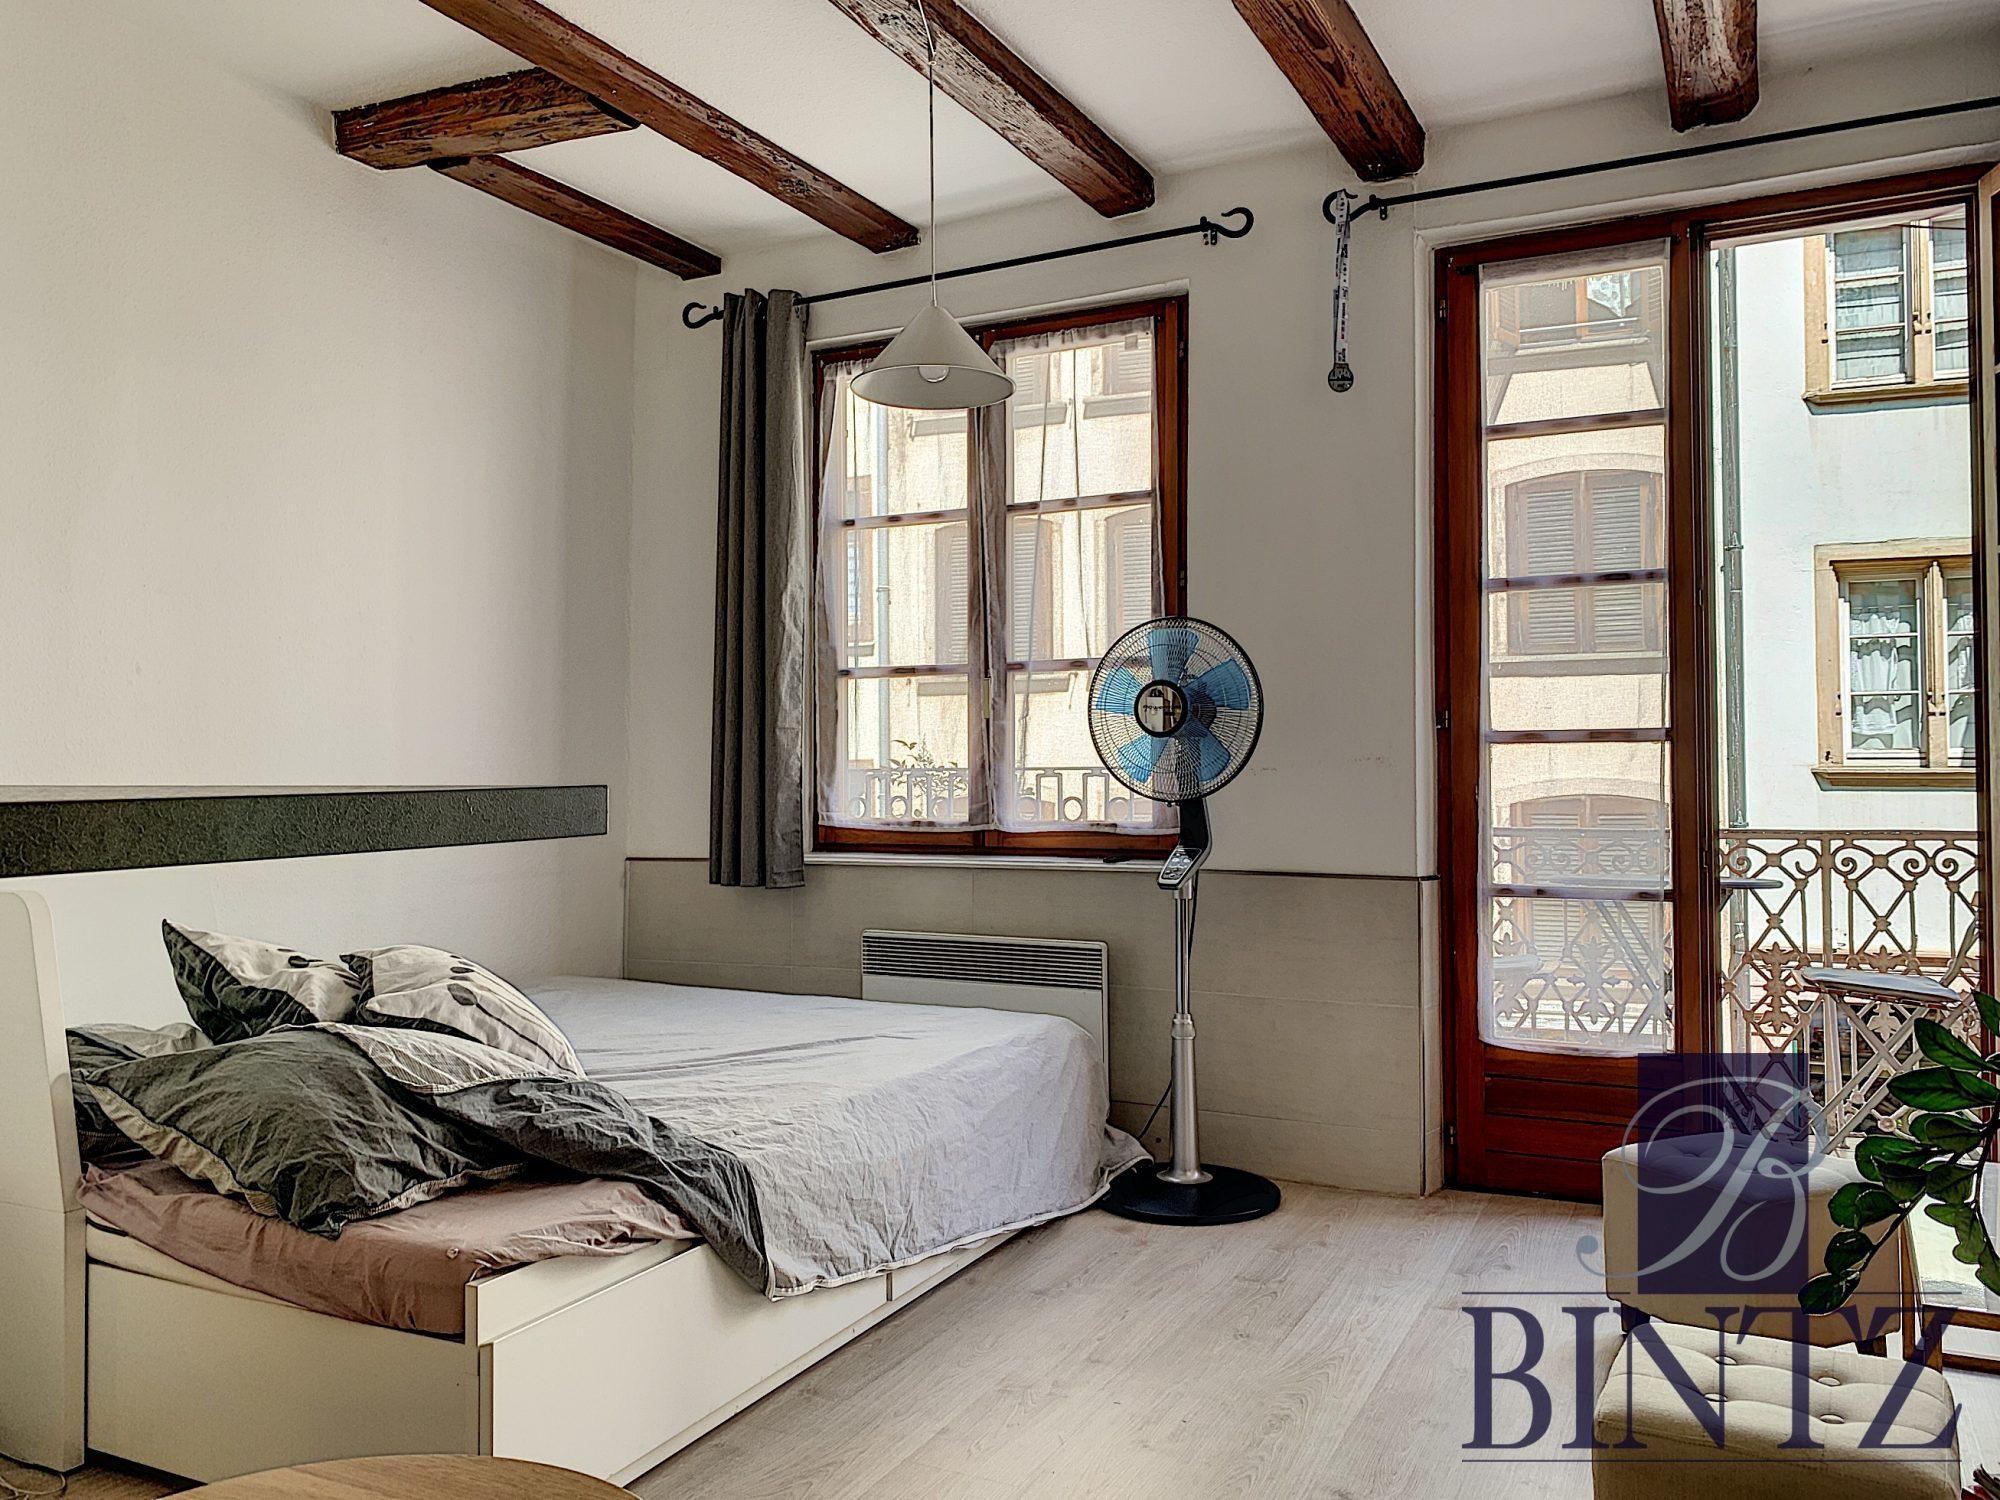 STUDIO MEUBLE HYPER CENTRE - Devenez locataire en toute sérénité - Bintz Immobilier - 9